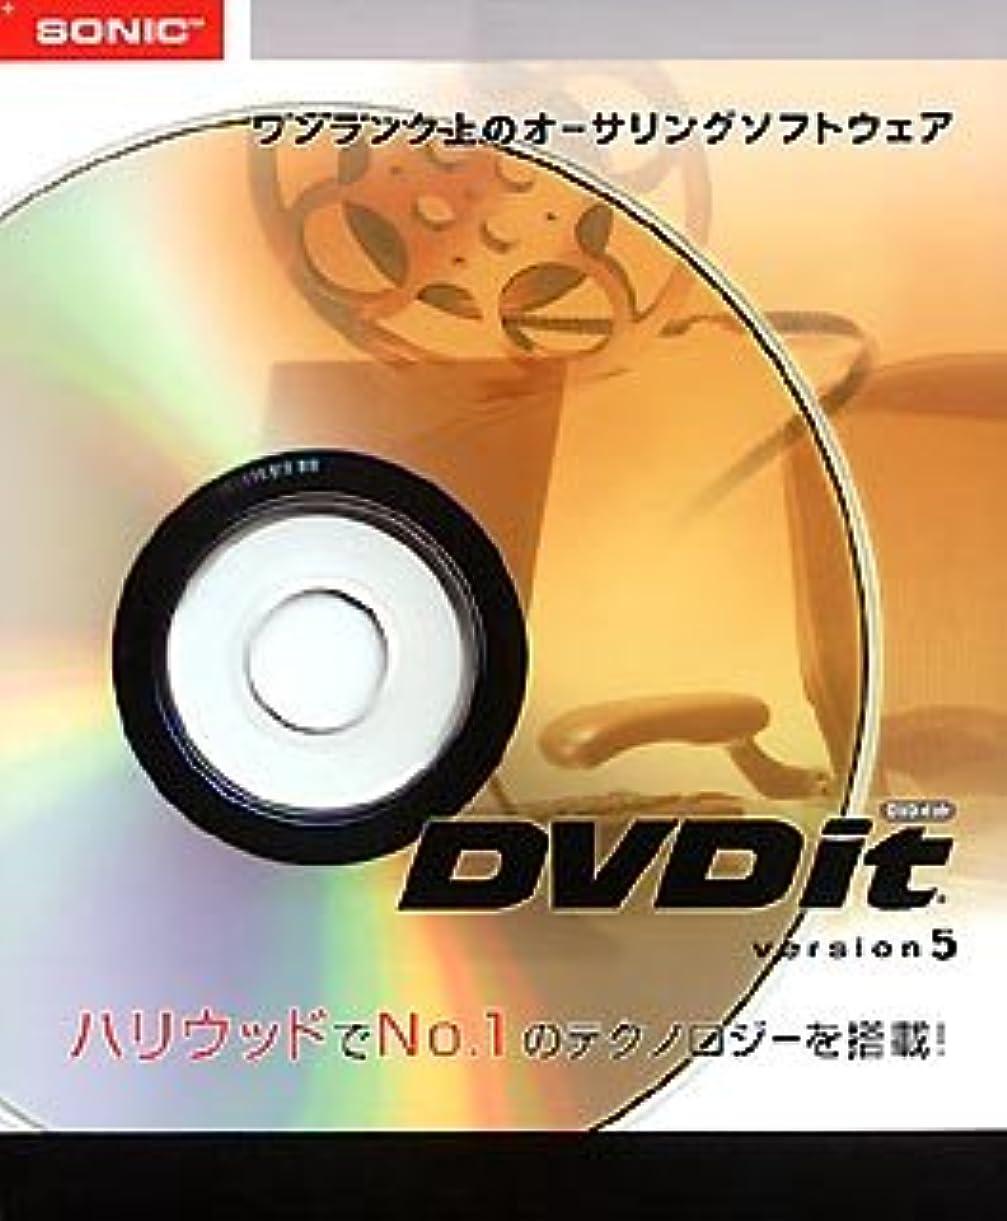 DVDit version 5